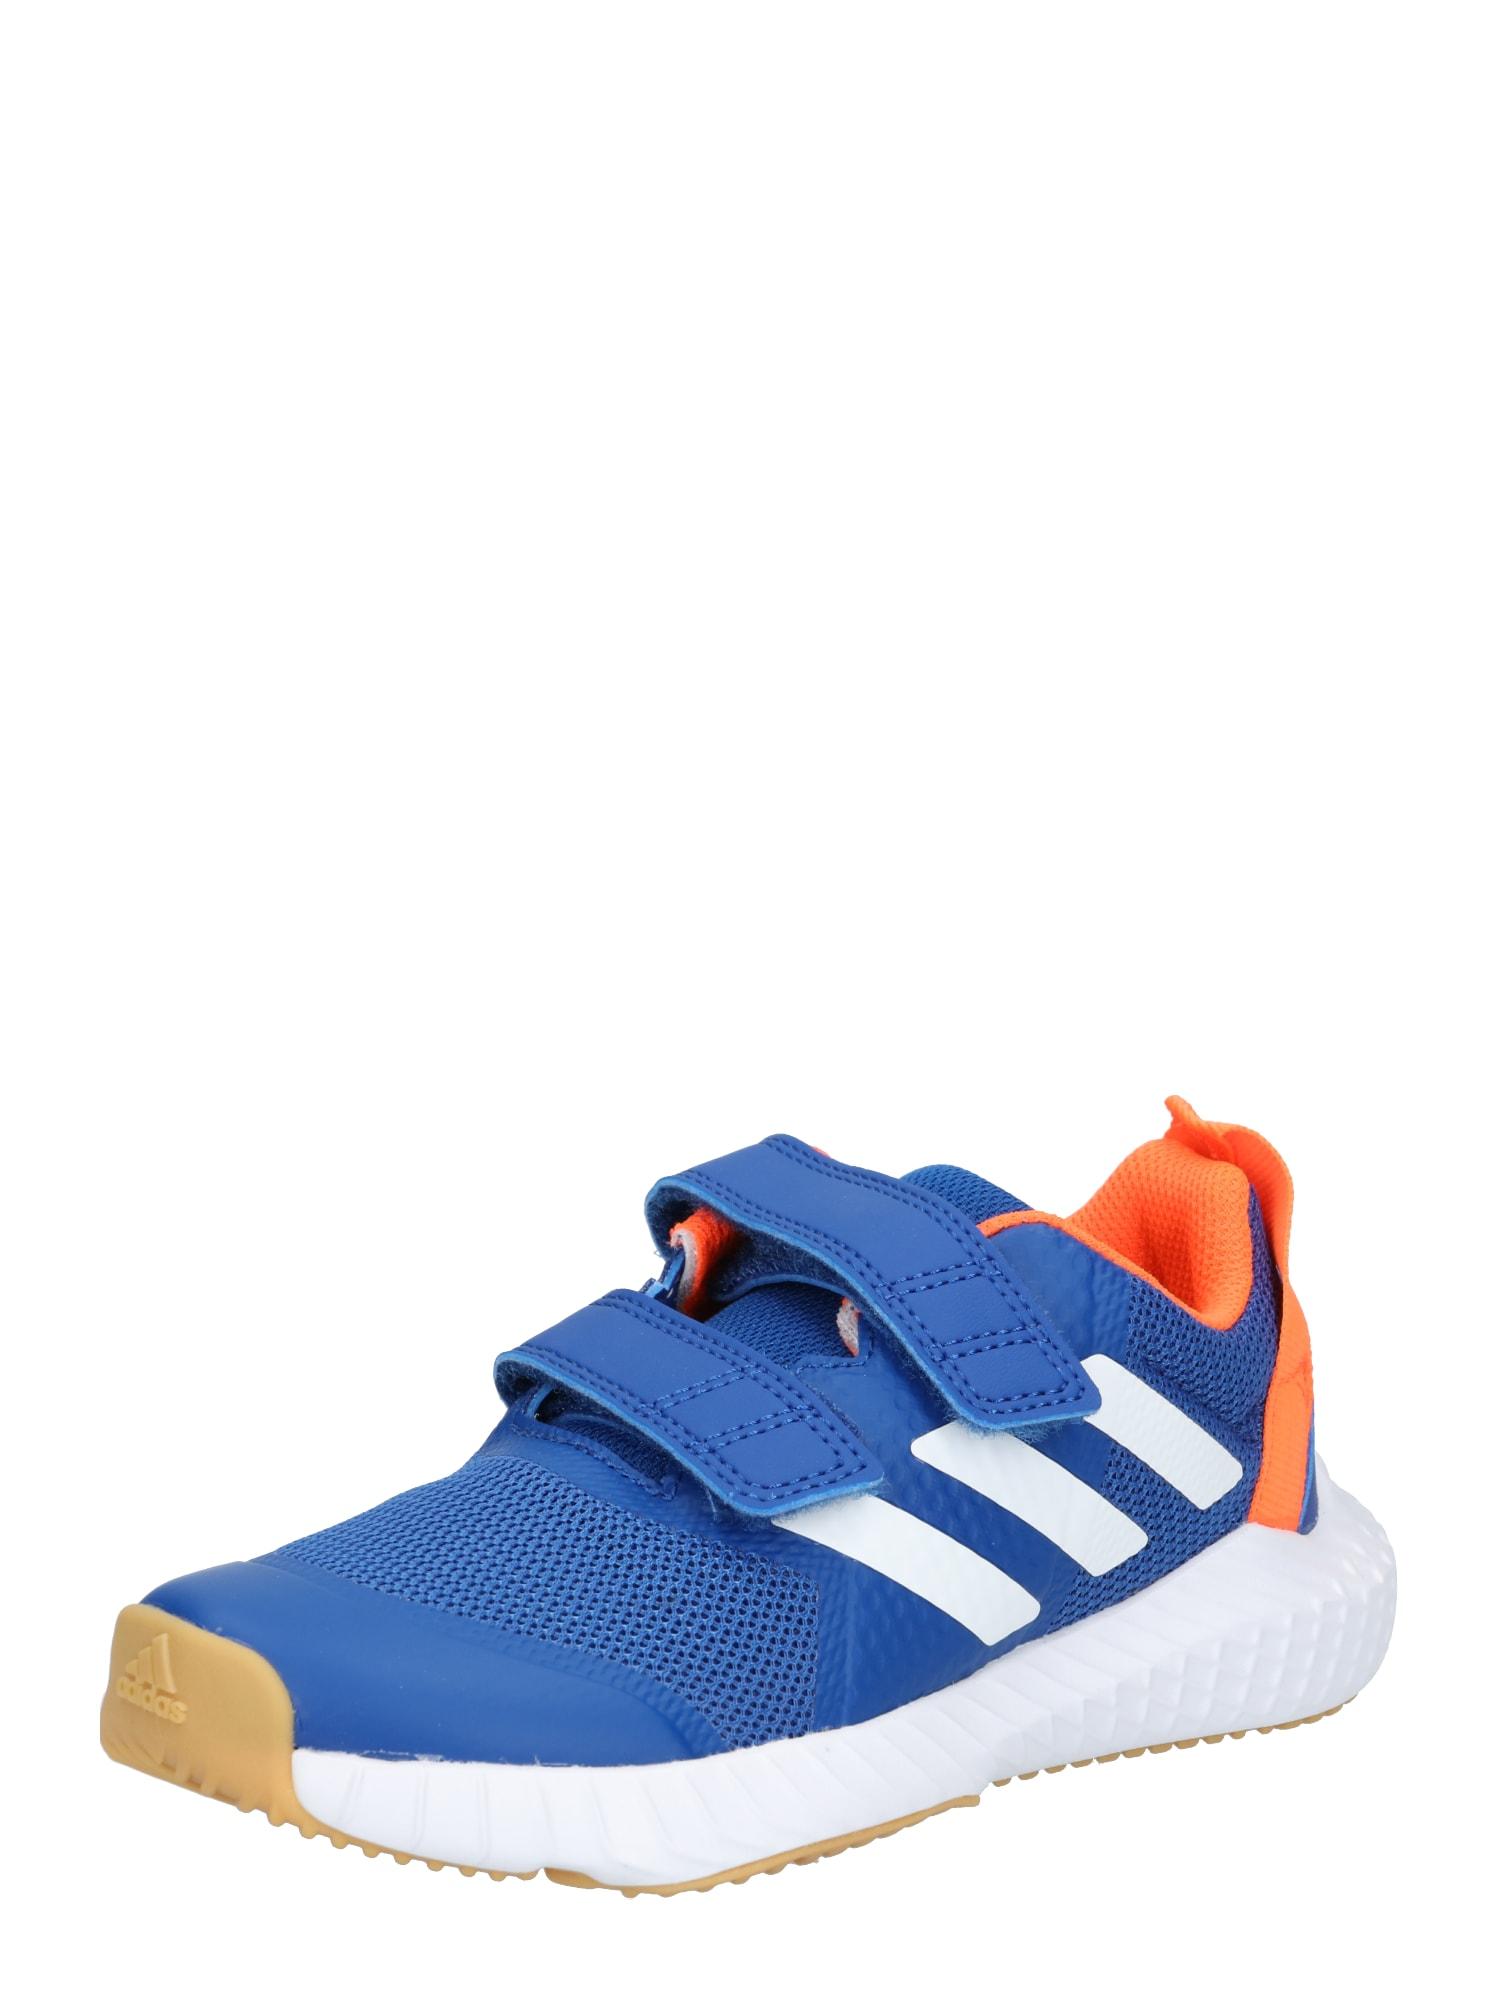 Sportovní boty FortaGym CF K modrá oranžová ADIDAS PERFORMANCE